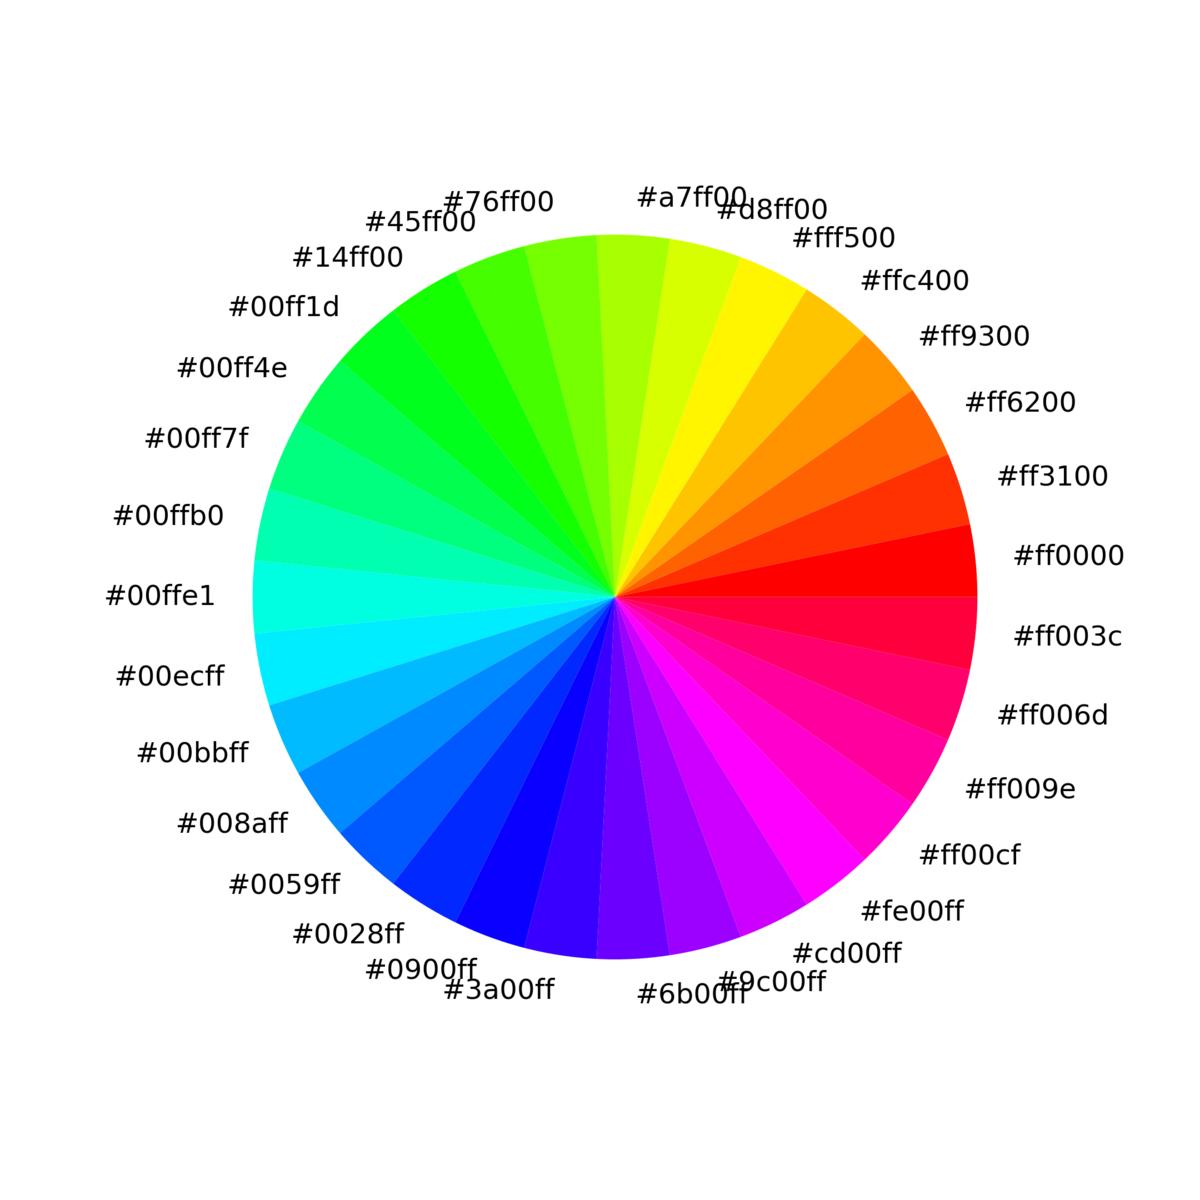 f:id:RuntaScience:20200604094518p:plain